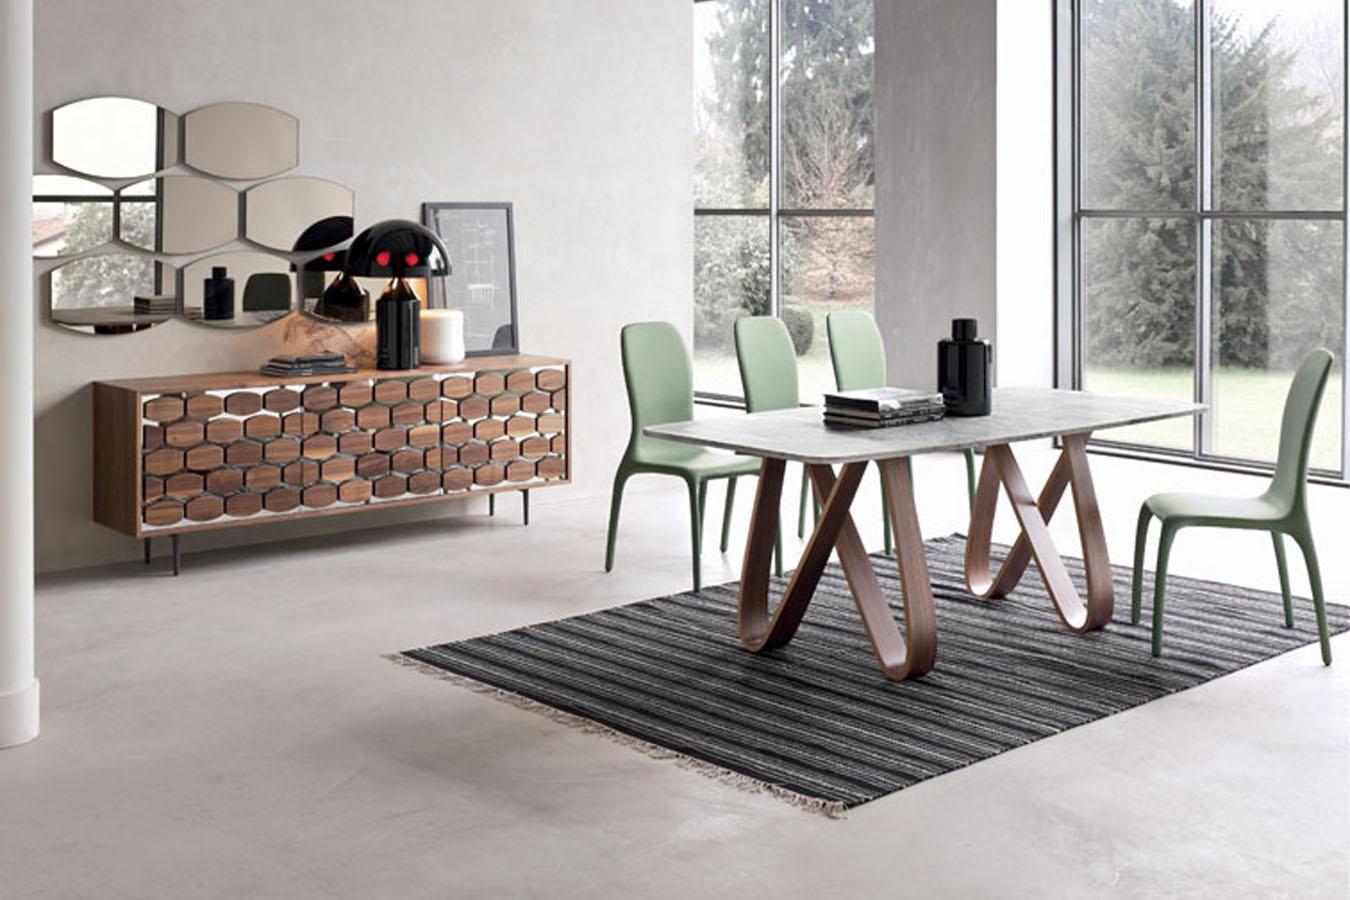 Tonin-casa-tavolo-Butterfly-moderno-design-rettangolare-legno-pranzo ...